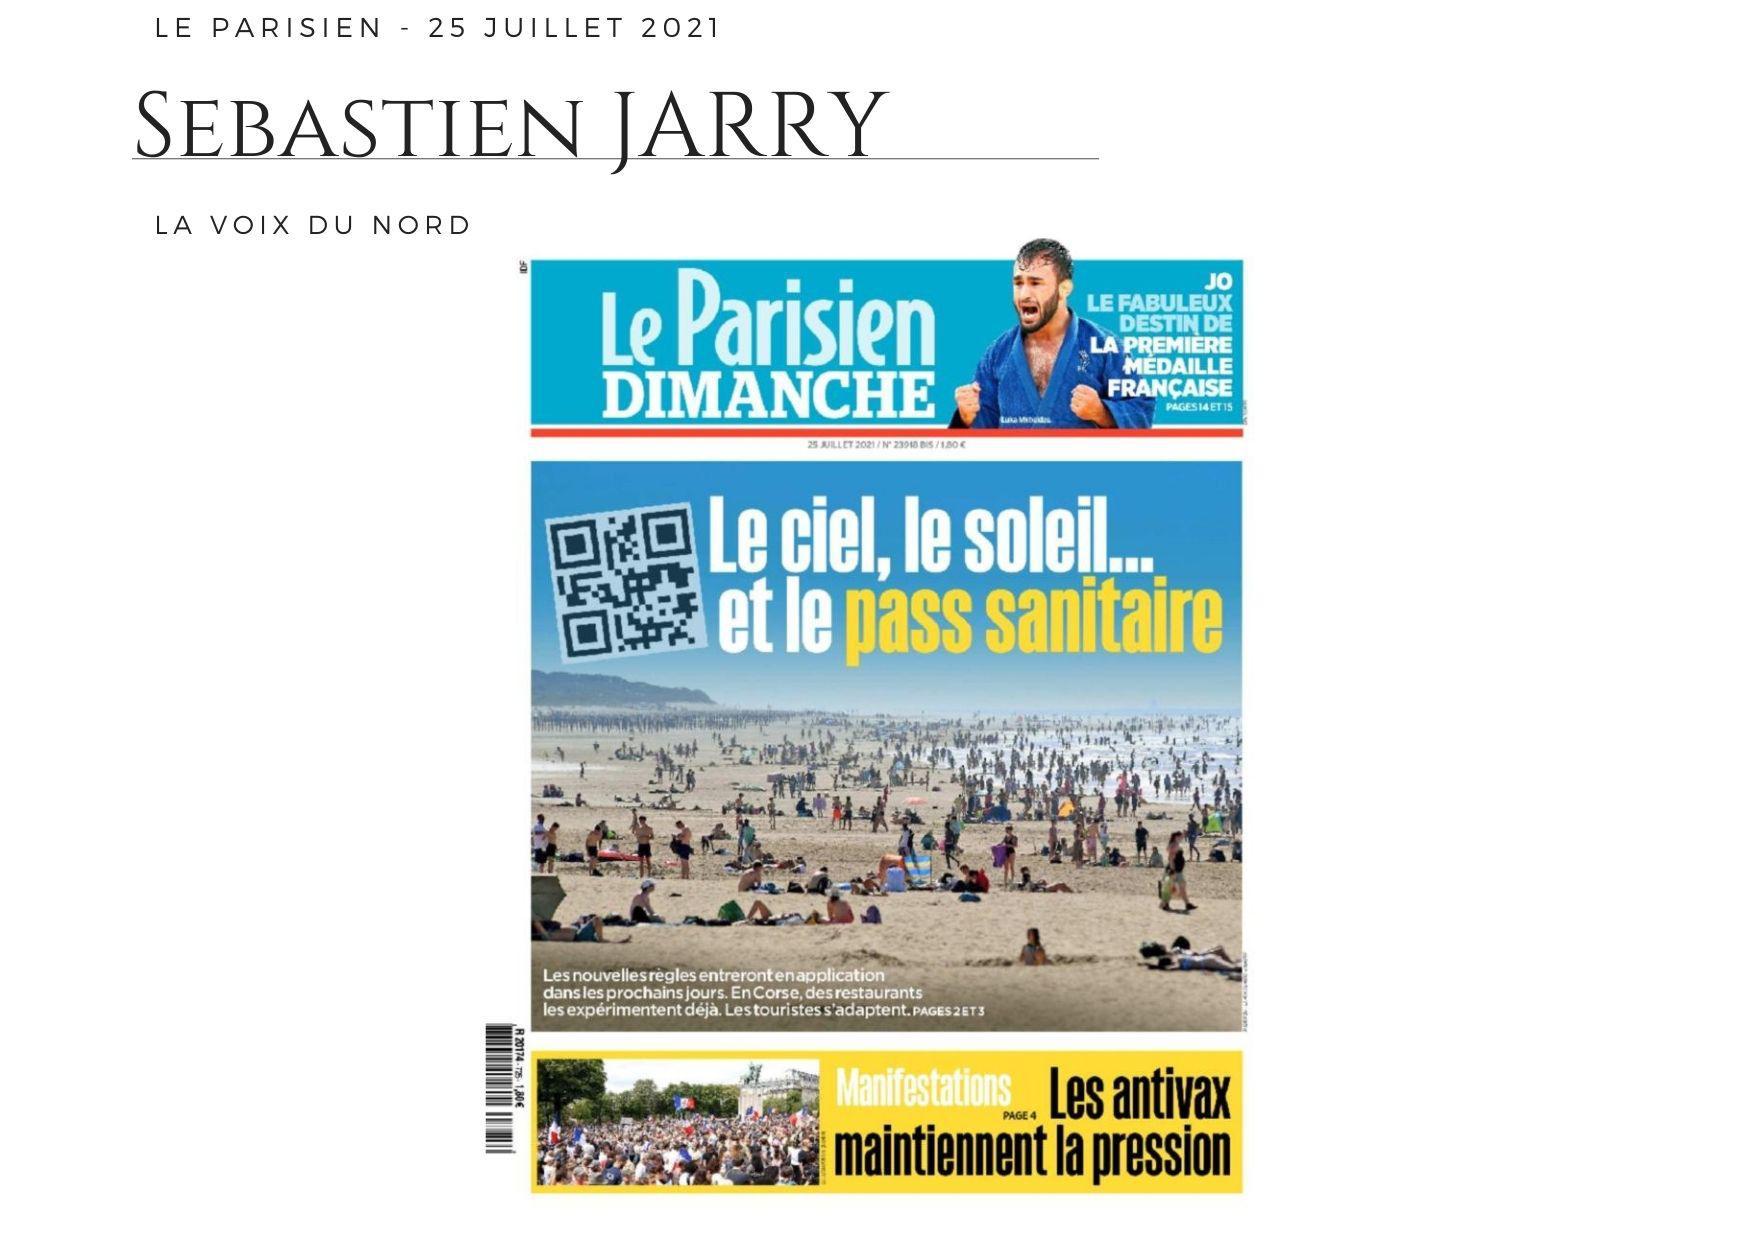 Le Parisien - 25 juillet 2021